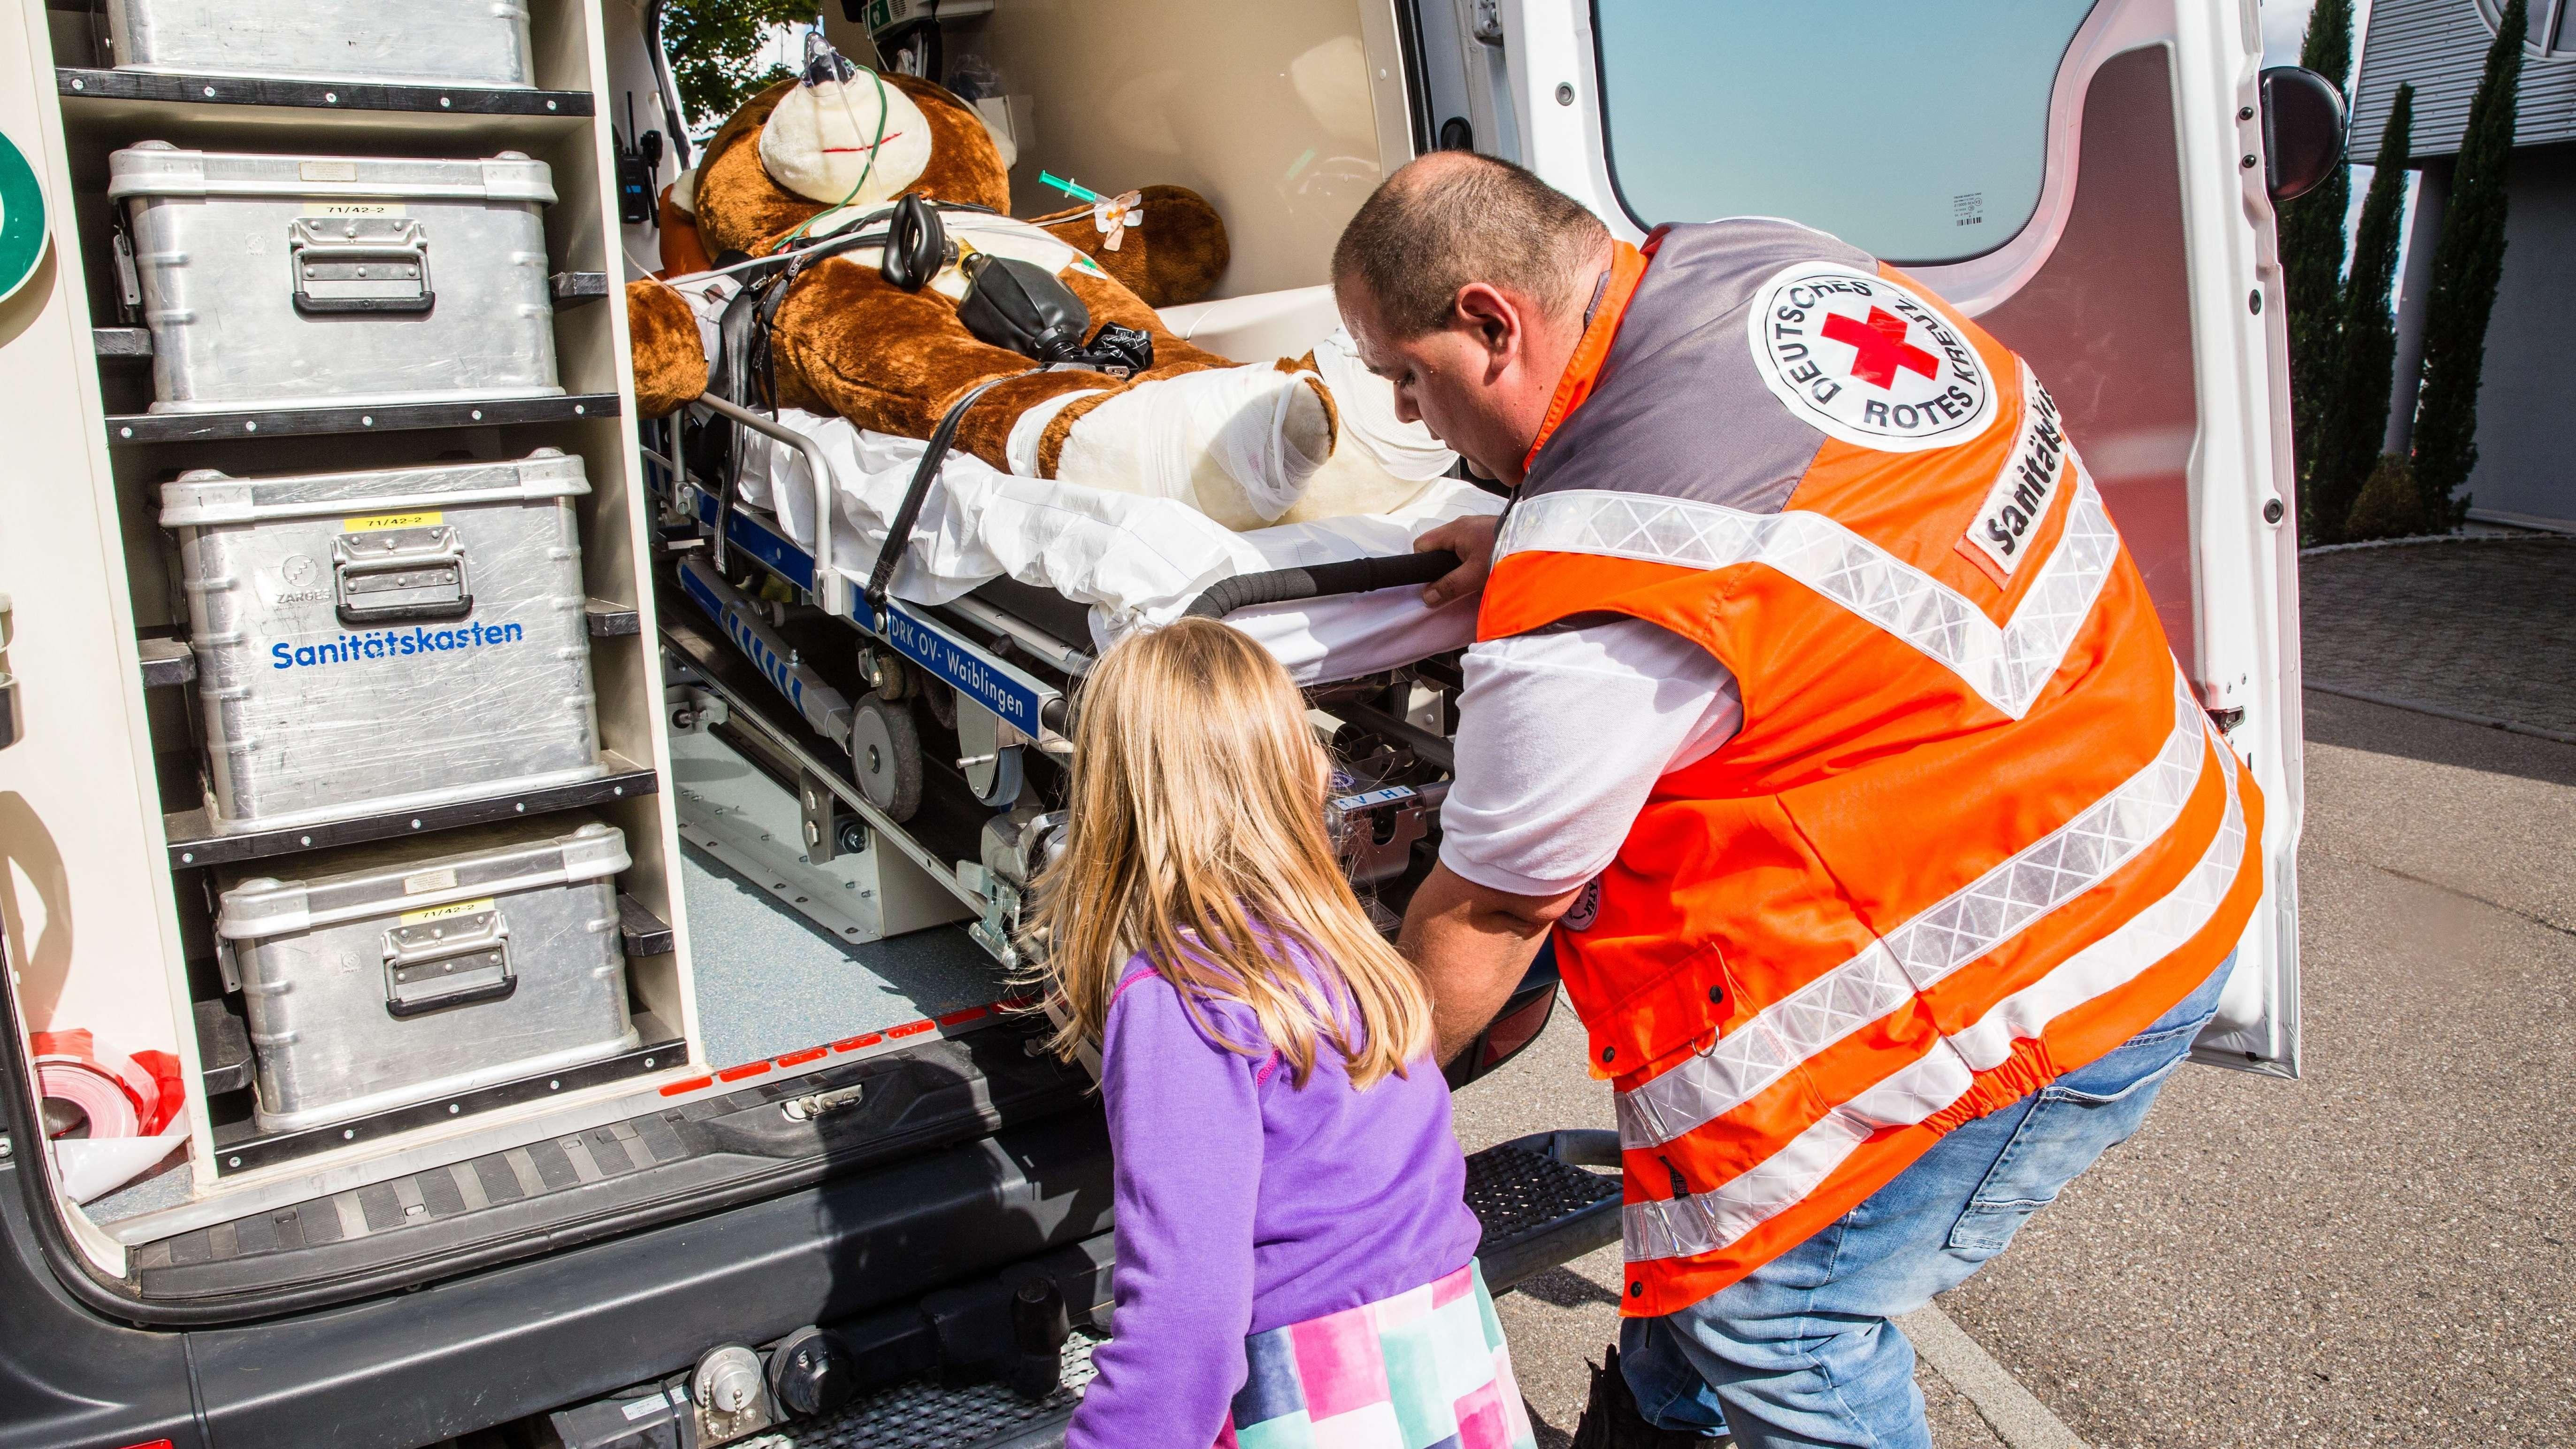 Einem 6-jährigen Mädchen wird mit einem Teddy spielerisch die Arbeit des DRK Rettungsdienstes vermittelt.